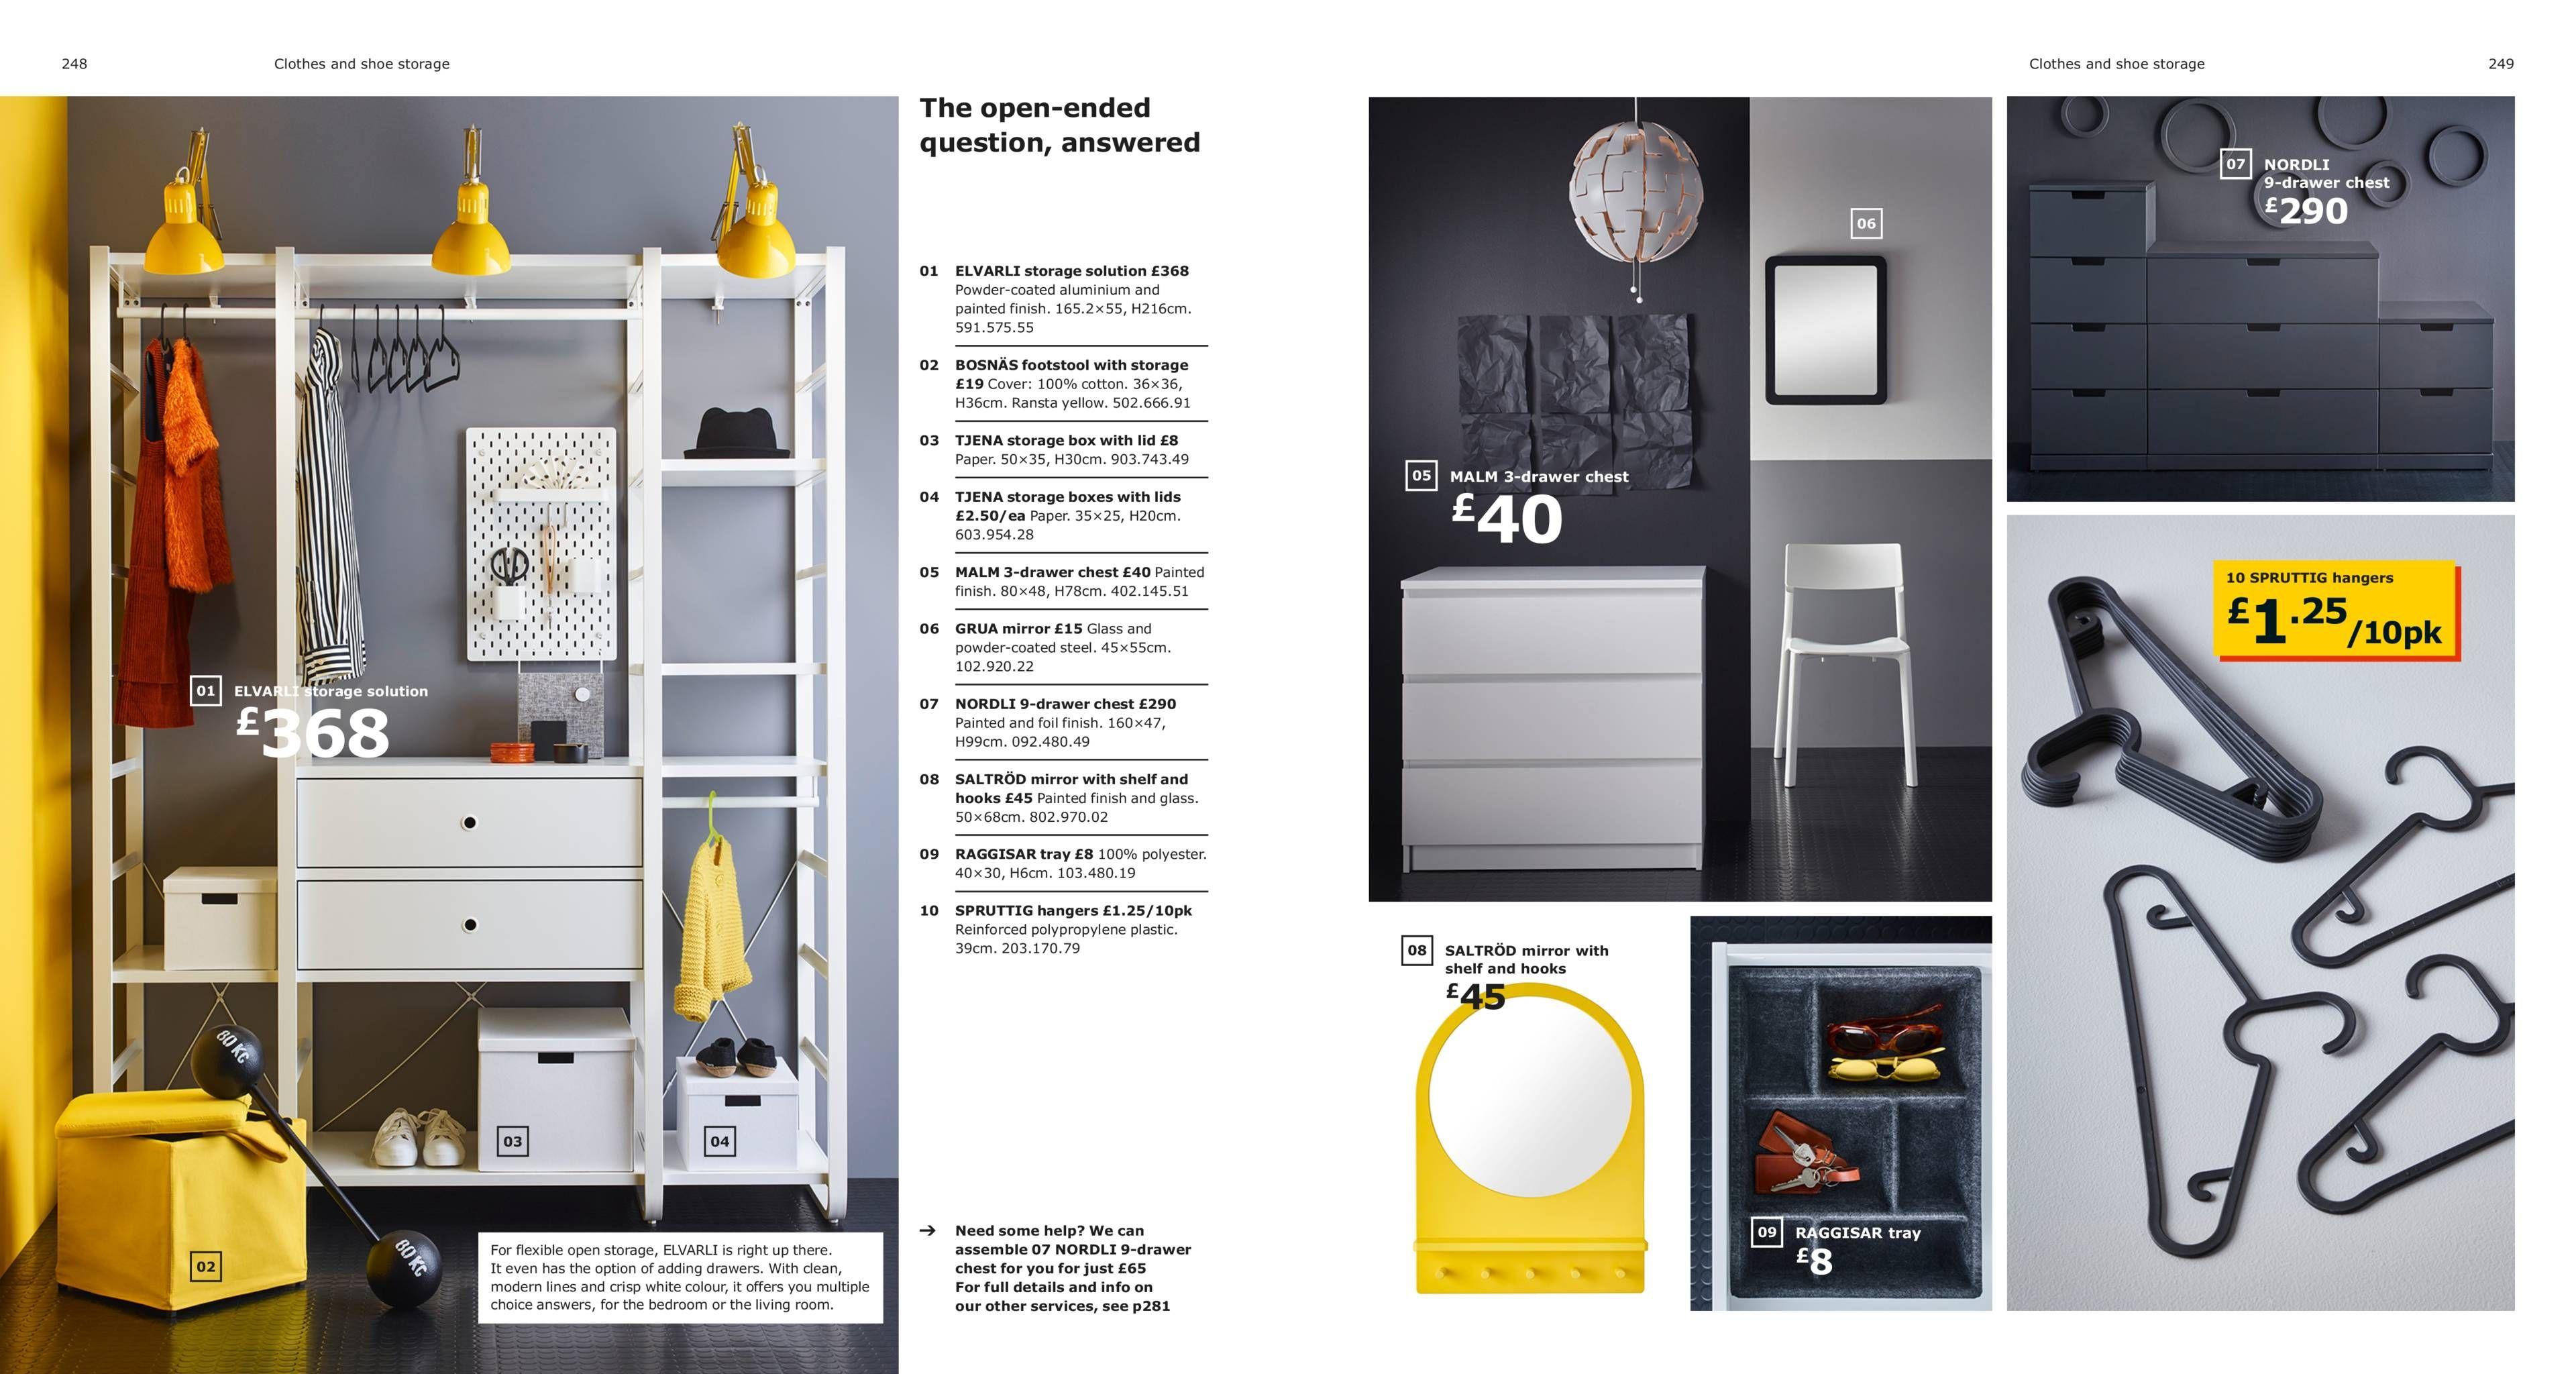 Clothes & shoe storage IKEA Catalogue 2019 Ikea